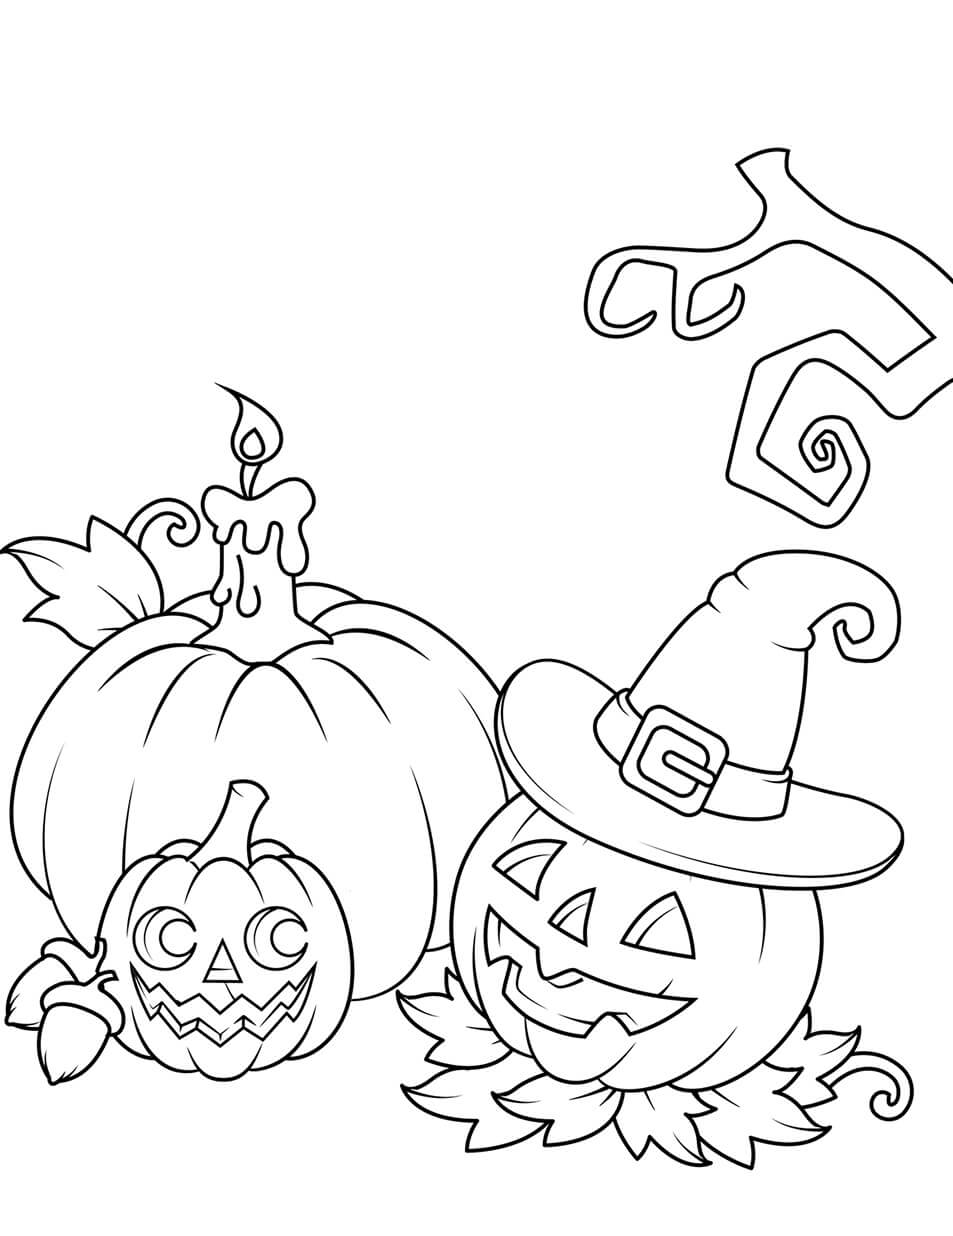 Desenhos de Jack o 'Lantern E Abóbora para colorir